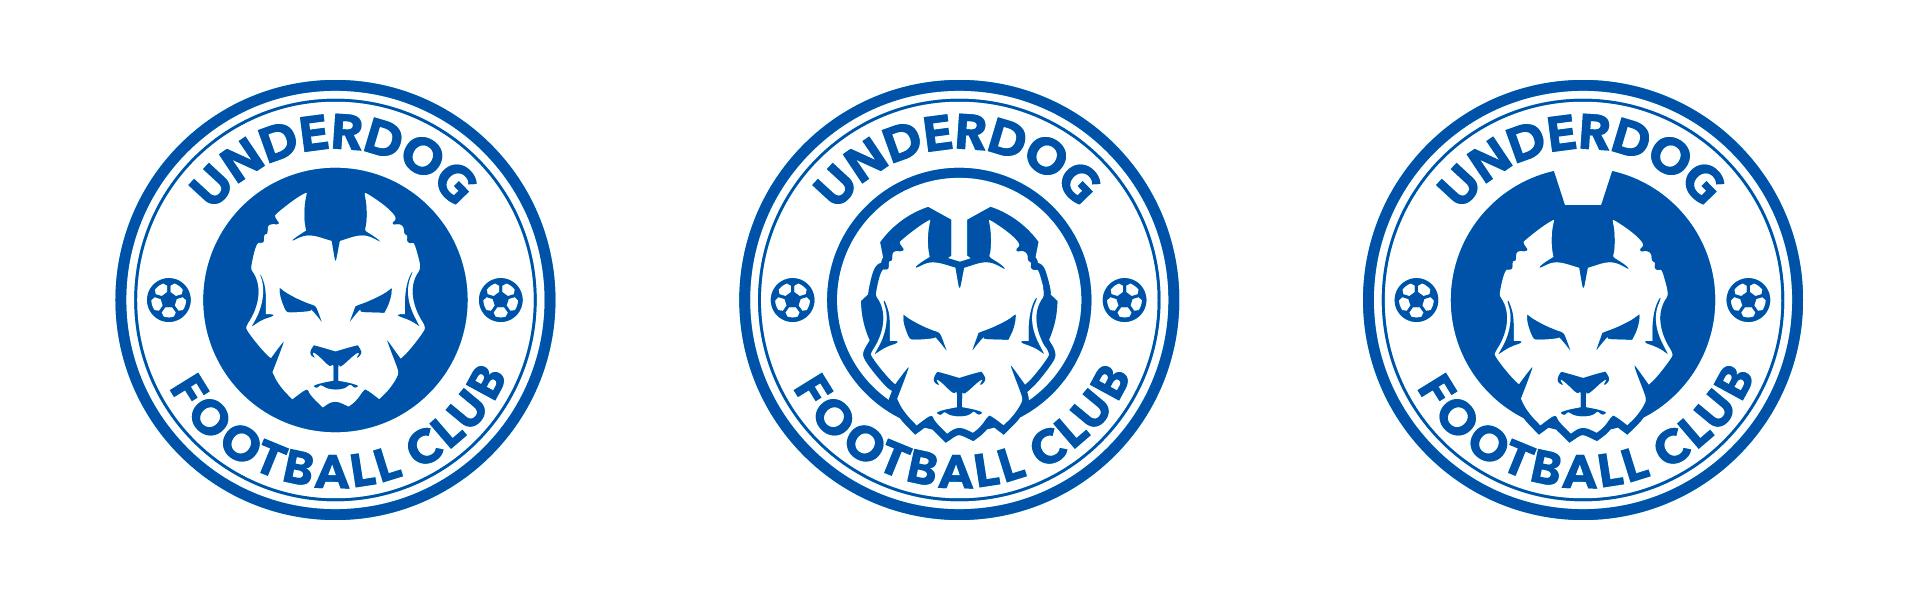 Футбольный клуб UNDERDOG - разработать фирстиль и бренд-бук фото f_1935caf8d342cdd4.png